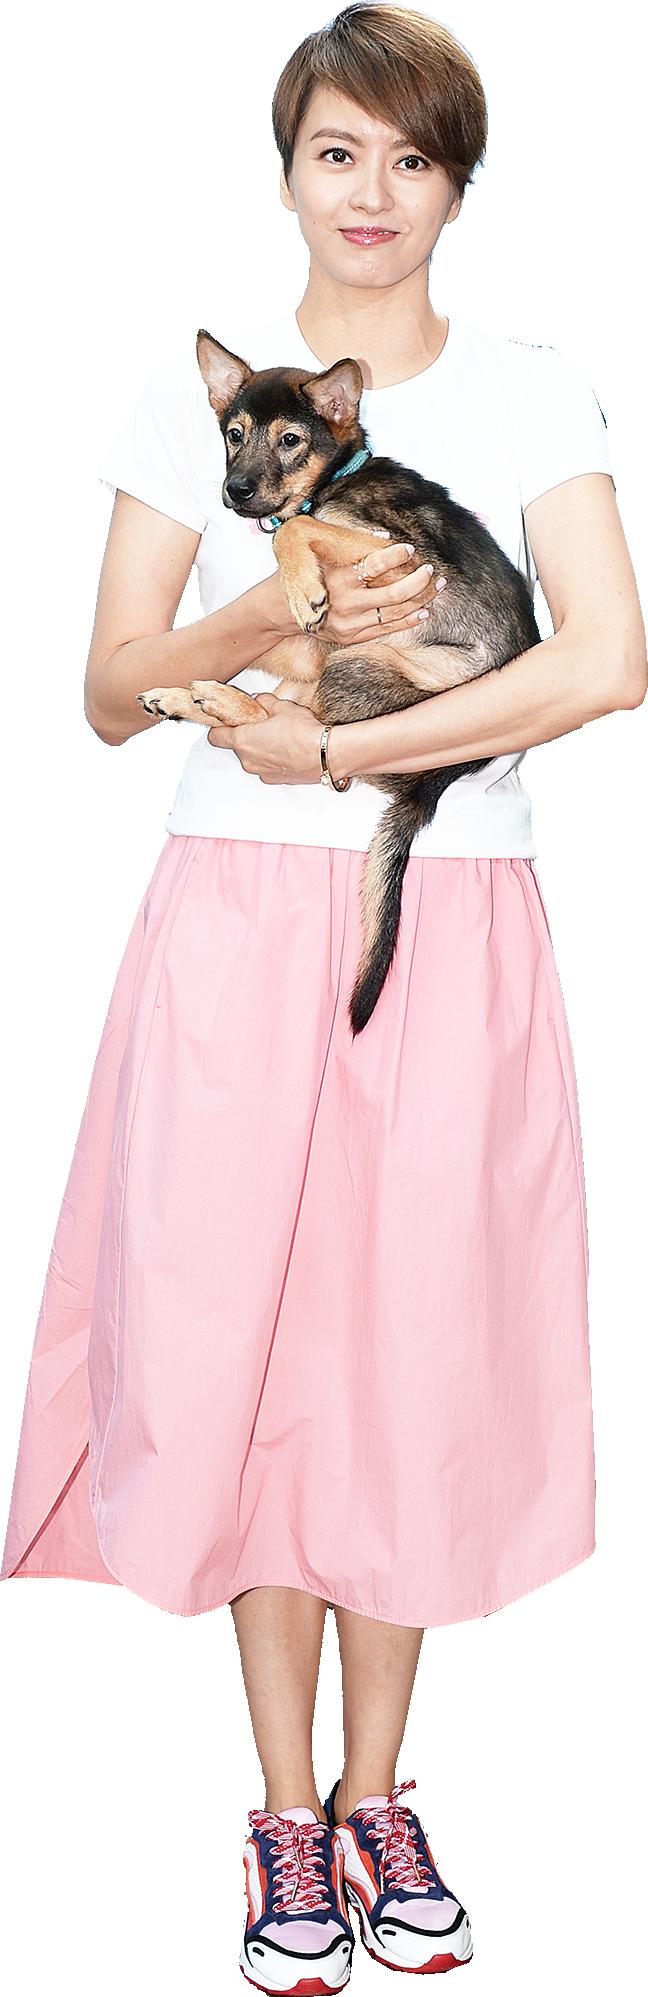 梁詠琪呼籲大眾愛護動物 樂見女兒與愛犬相處融洽